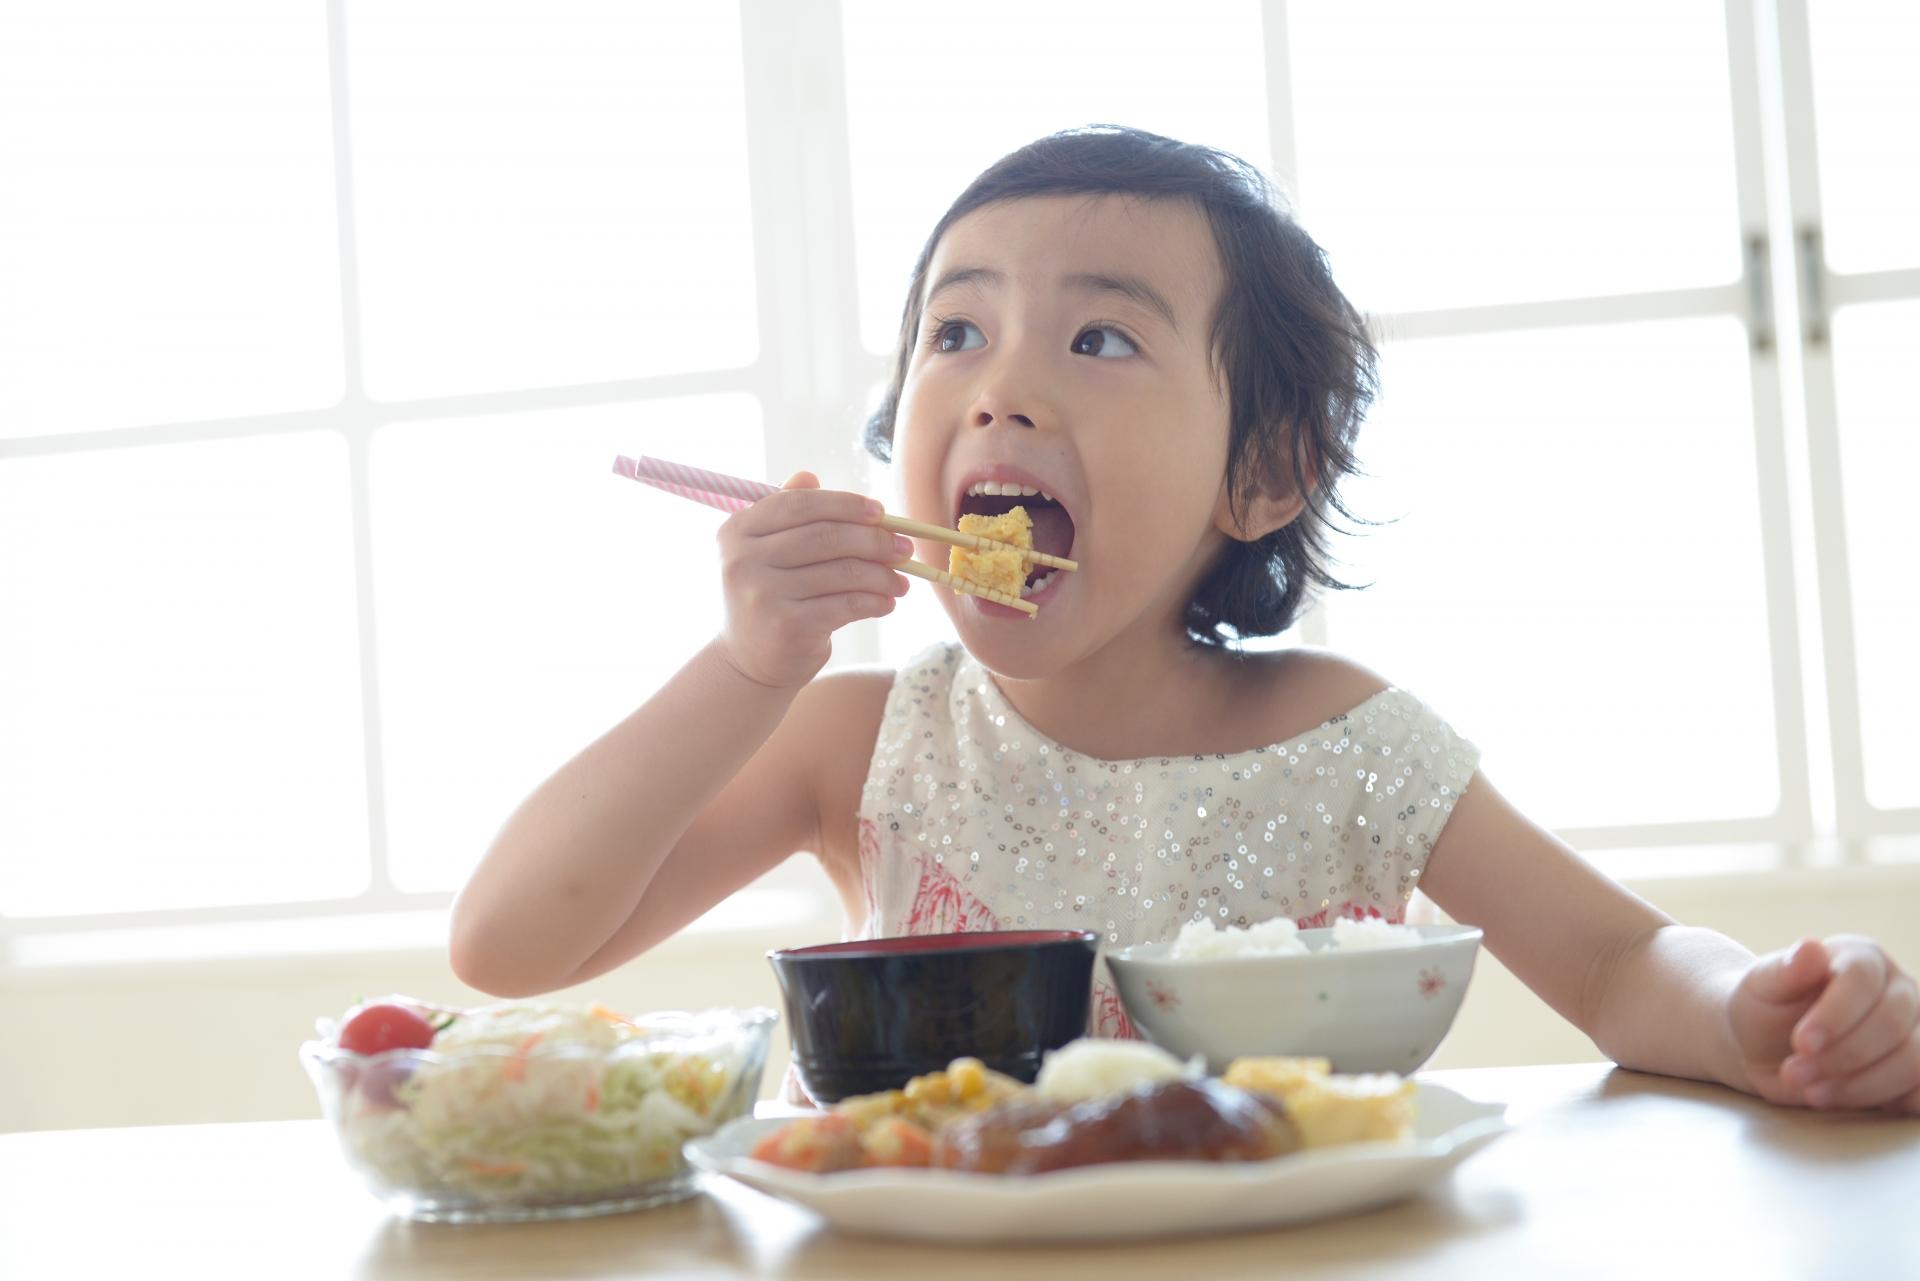 幼児が朝食を食べるようになる簡単な方法!おすすめの食材やメニューを紹介